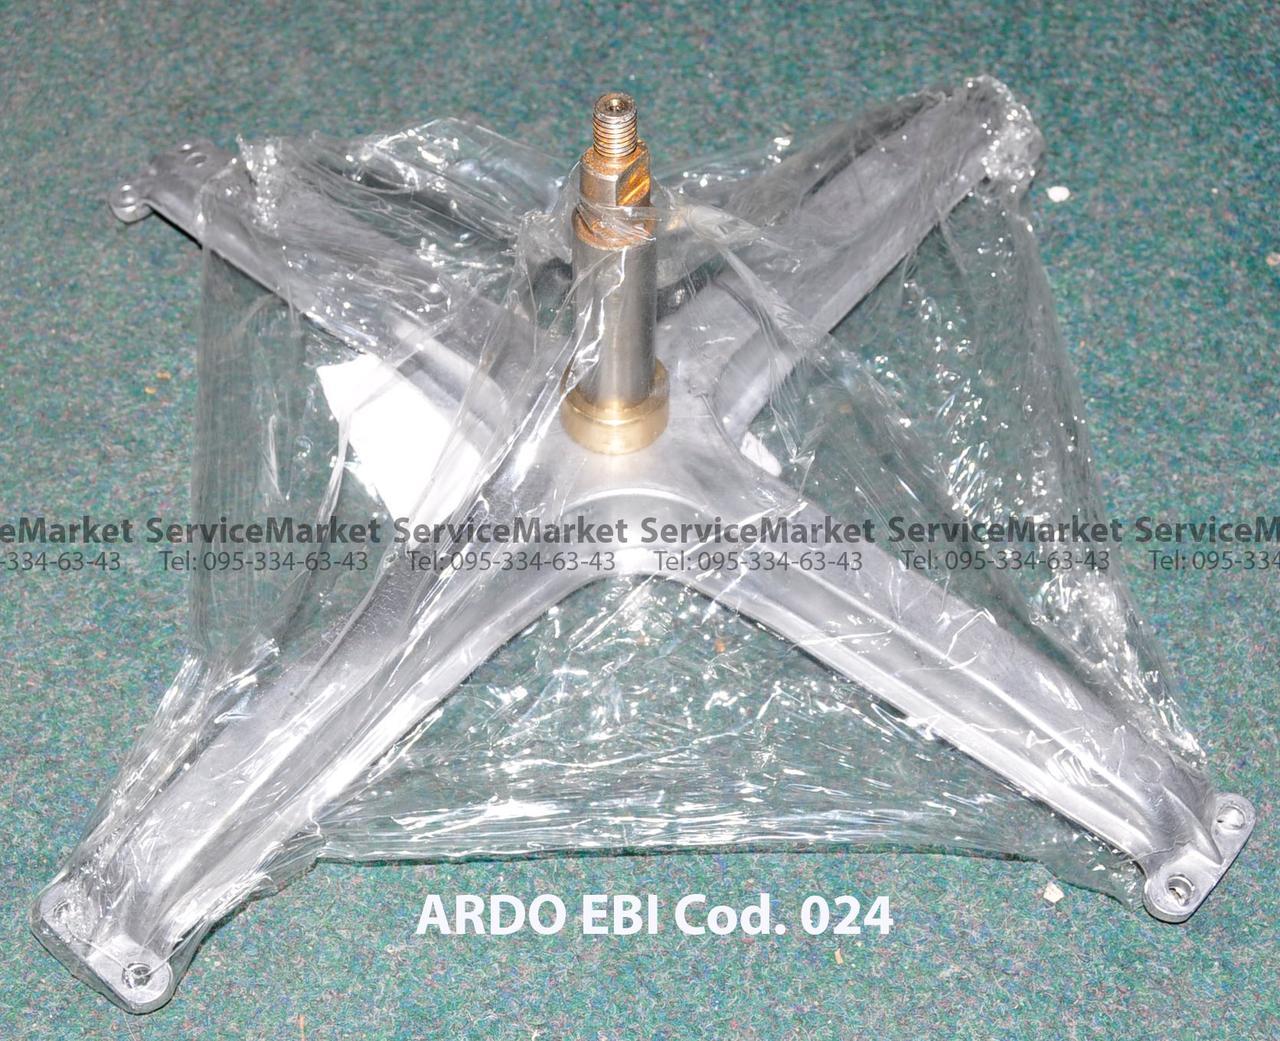 Крестовина стиральной машины Ardo (Ардо) 750457500, EBI Cod. 024 Italy